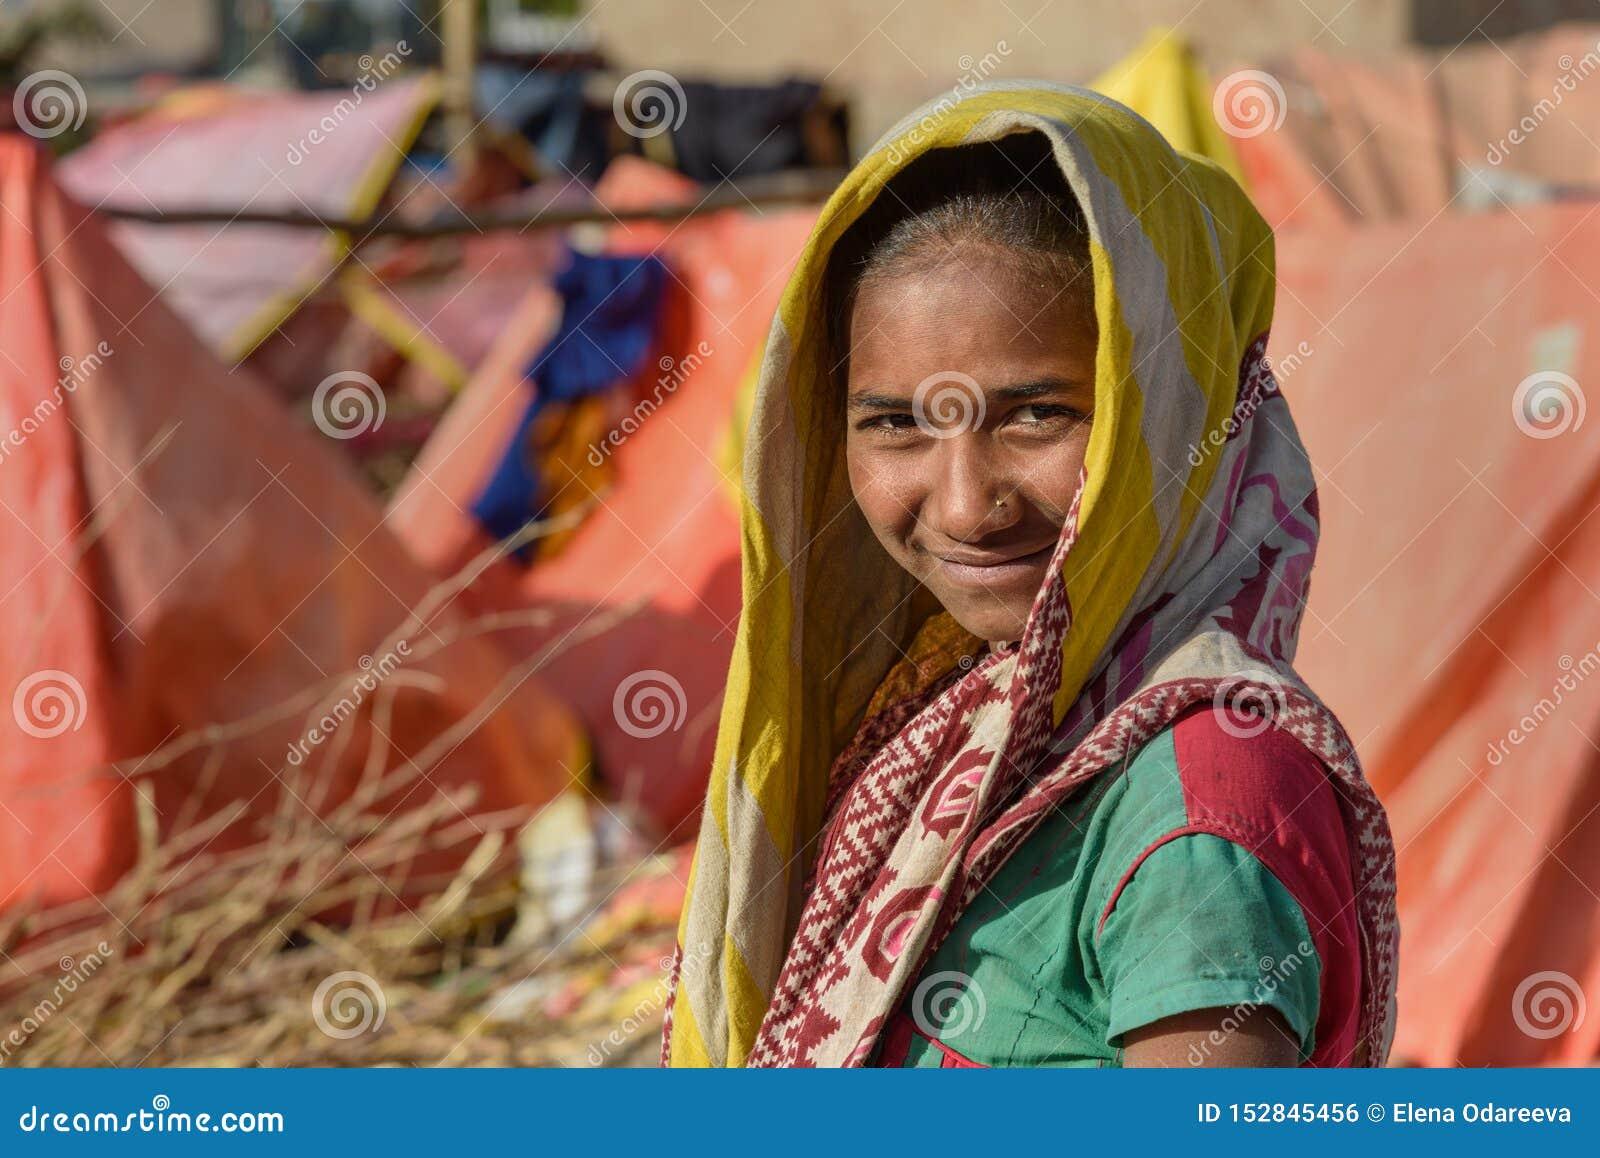 Девушки для работы в индии мария волгоград